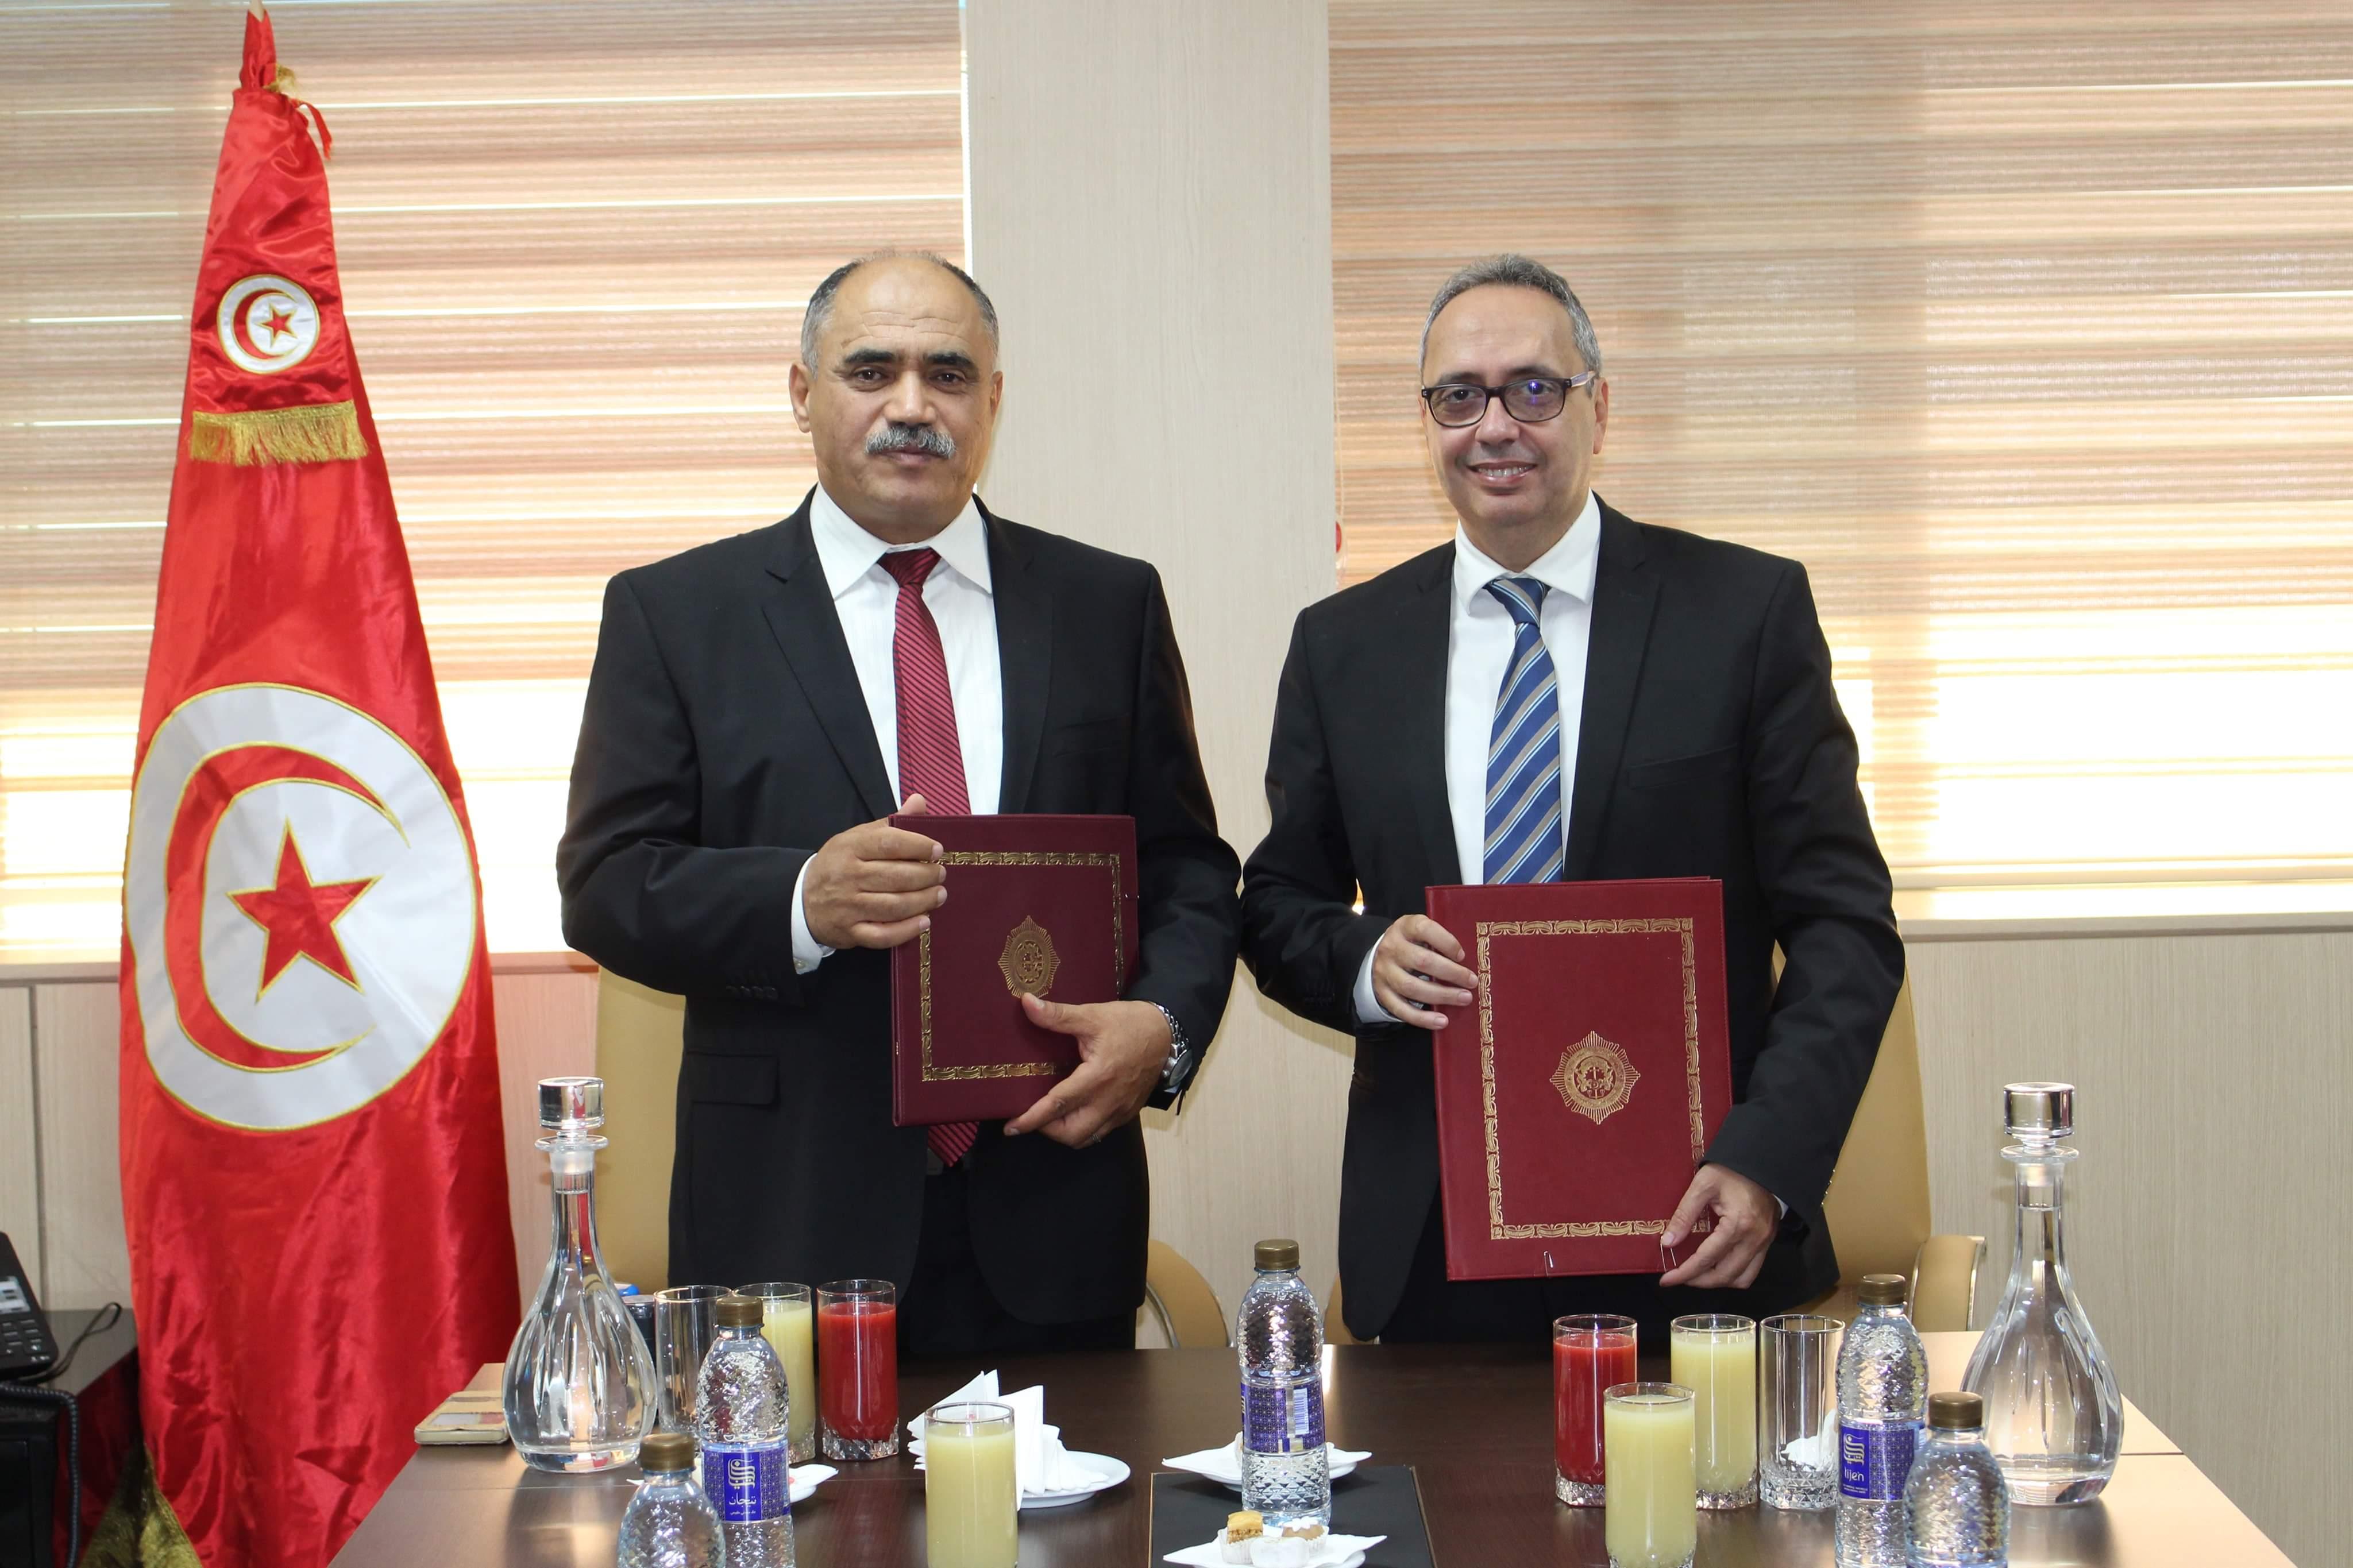 توقيع إعلان مشترك بين وزارة العدل والهيئة الوطنية للوقاية من التعذيب حول تجميع النصوص المنظمة للسجون في تونس و إعداد دليل السجين: